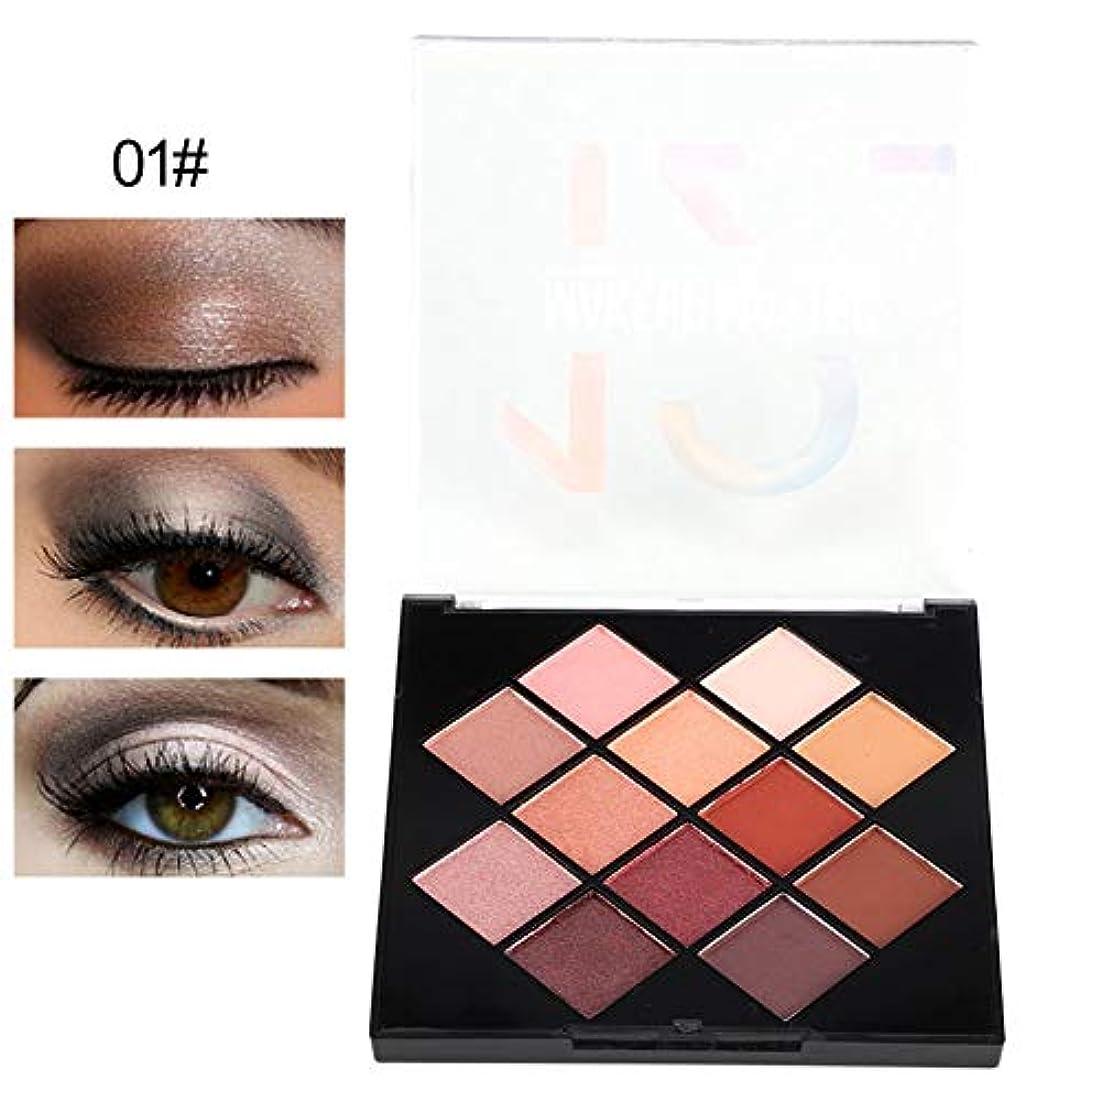 褐色先行する乗算アイシャドウパレット 12色 化粧マット 化粧品ツール グロス アイシャドウパウダー (01)